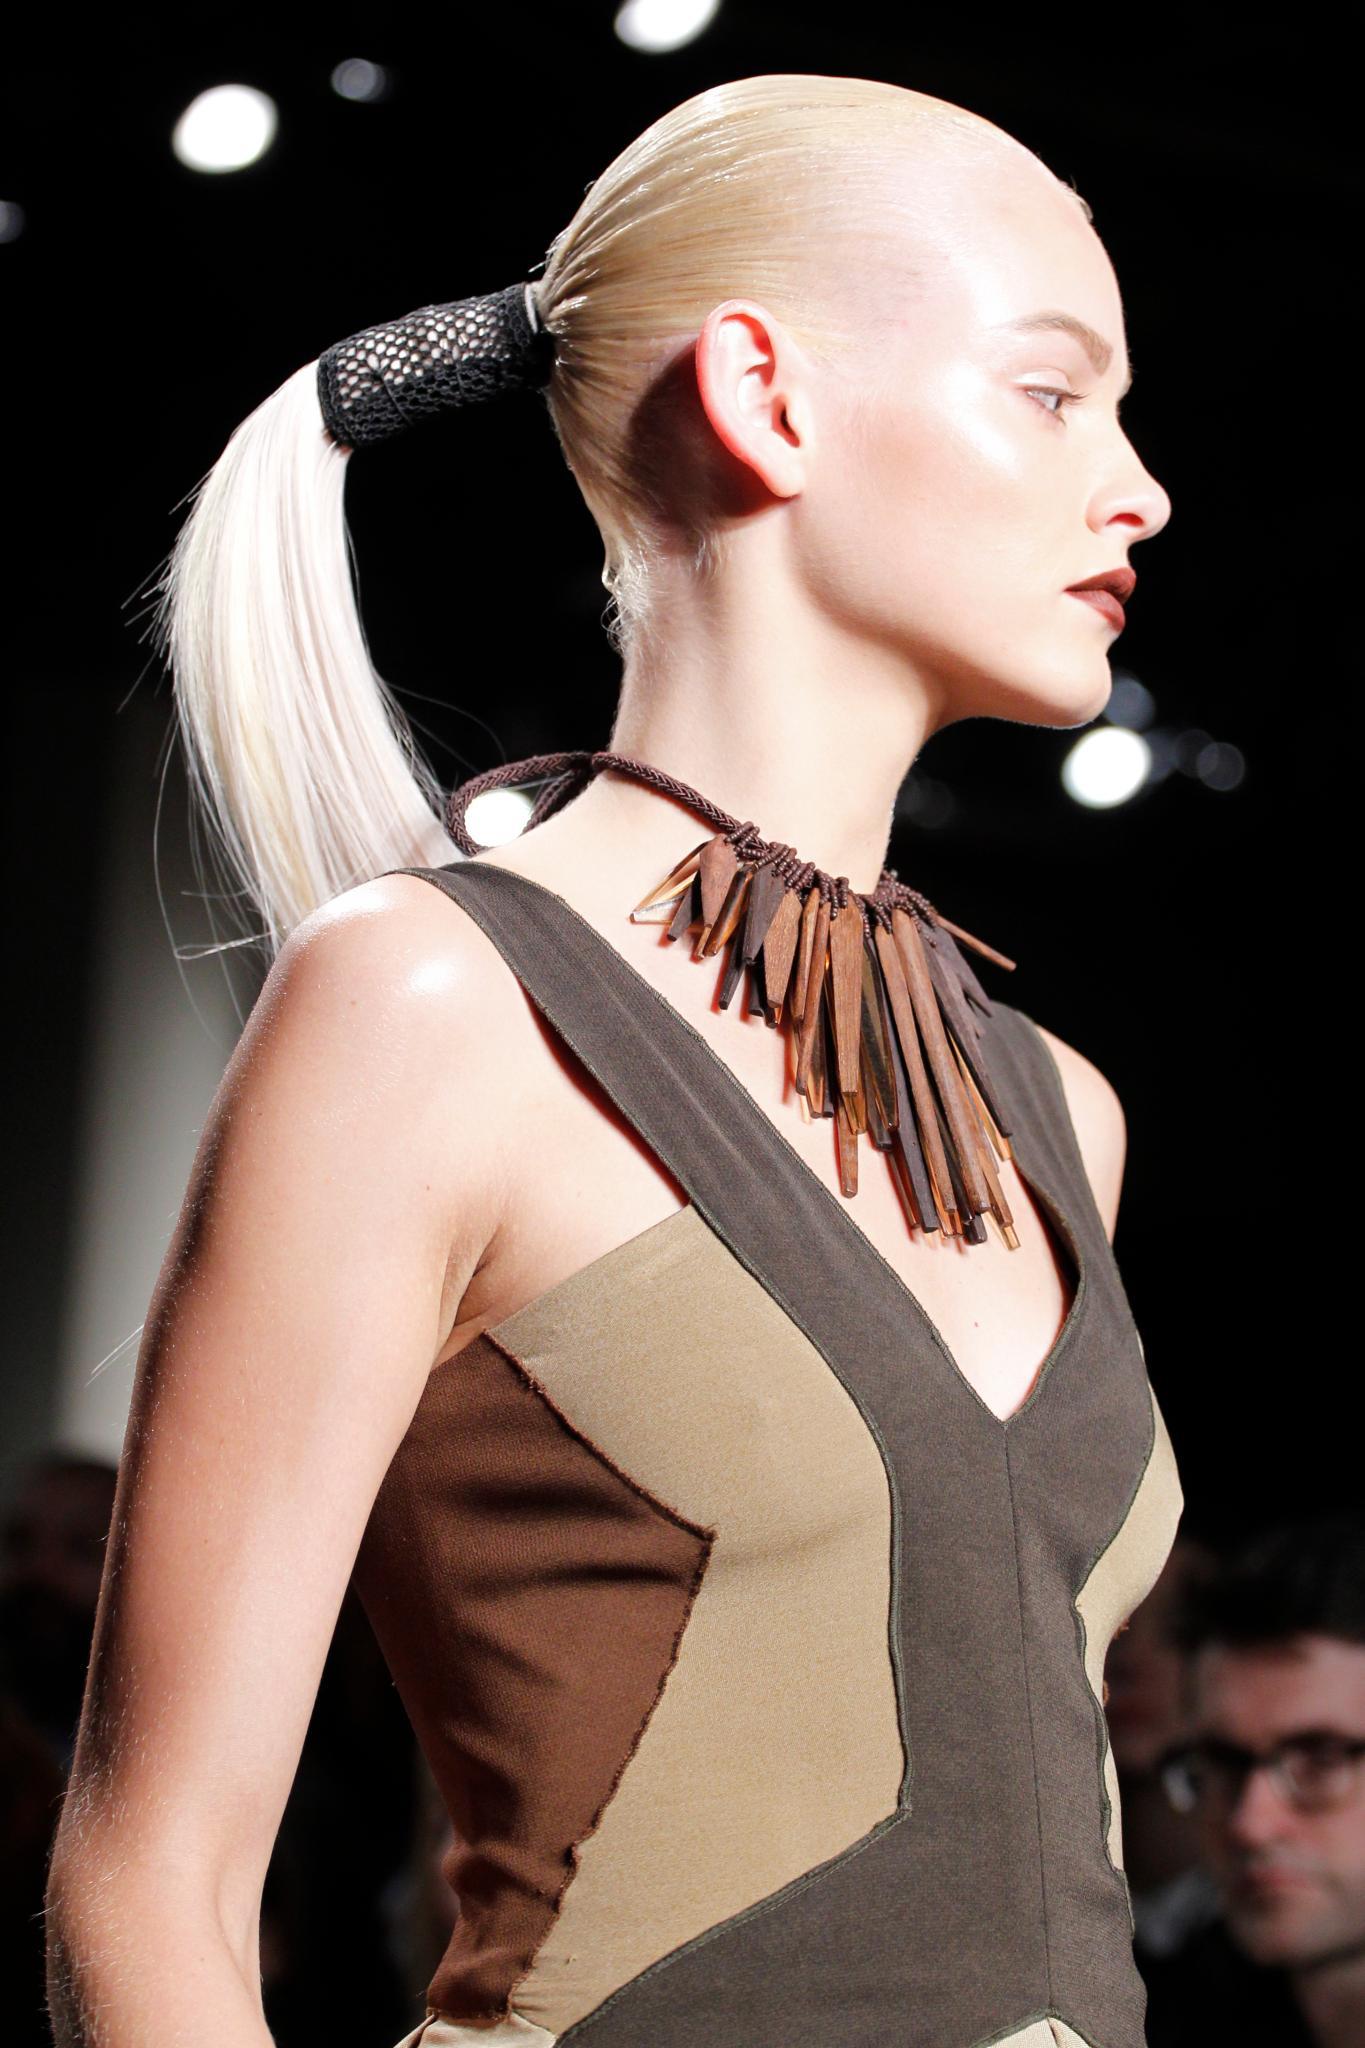 Vista de costado de mujer rubia platinada peinada hacia atrás con pony tail baja